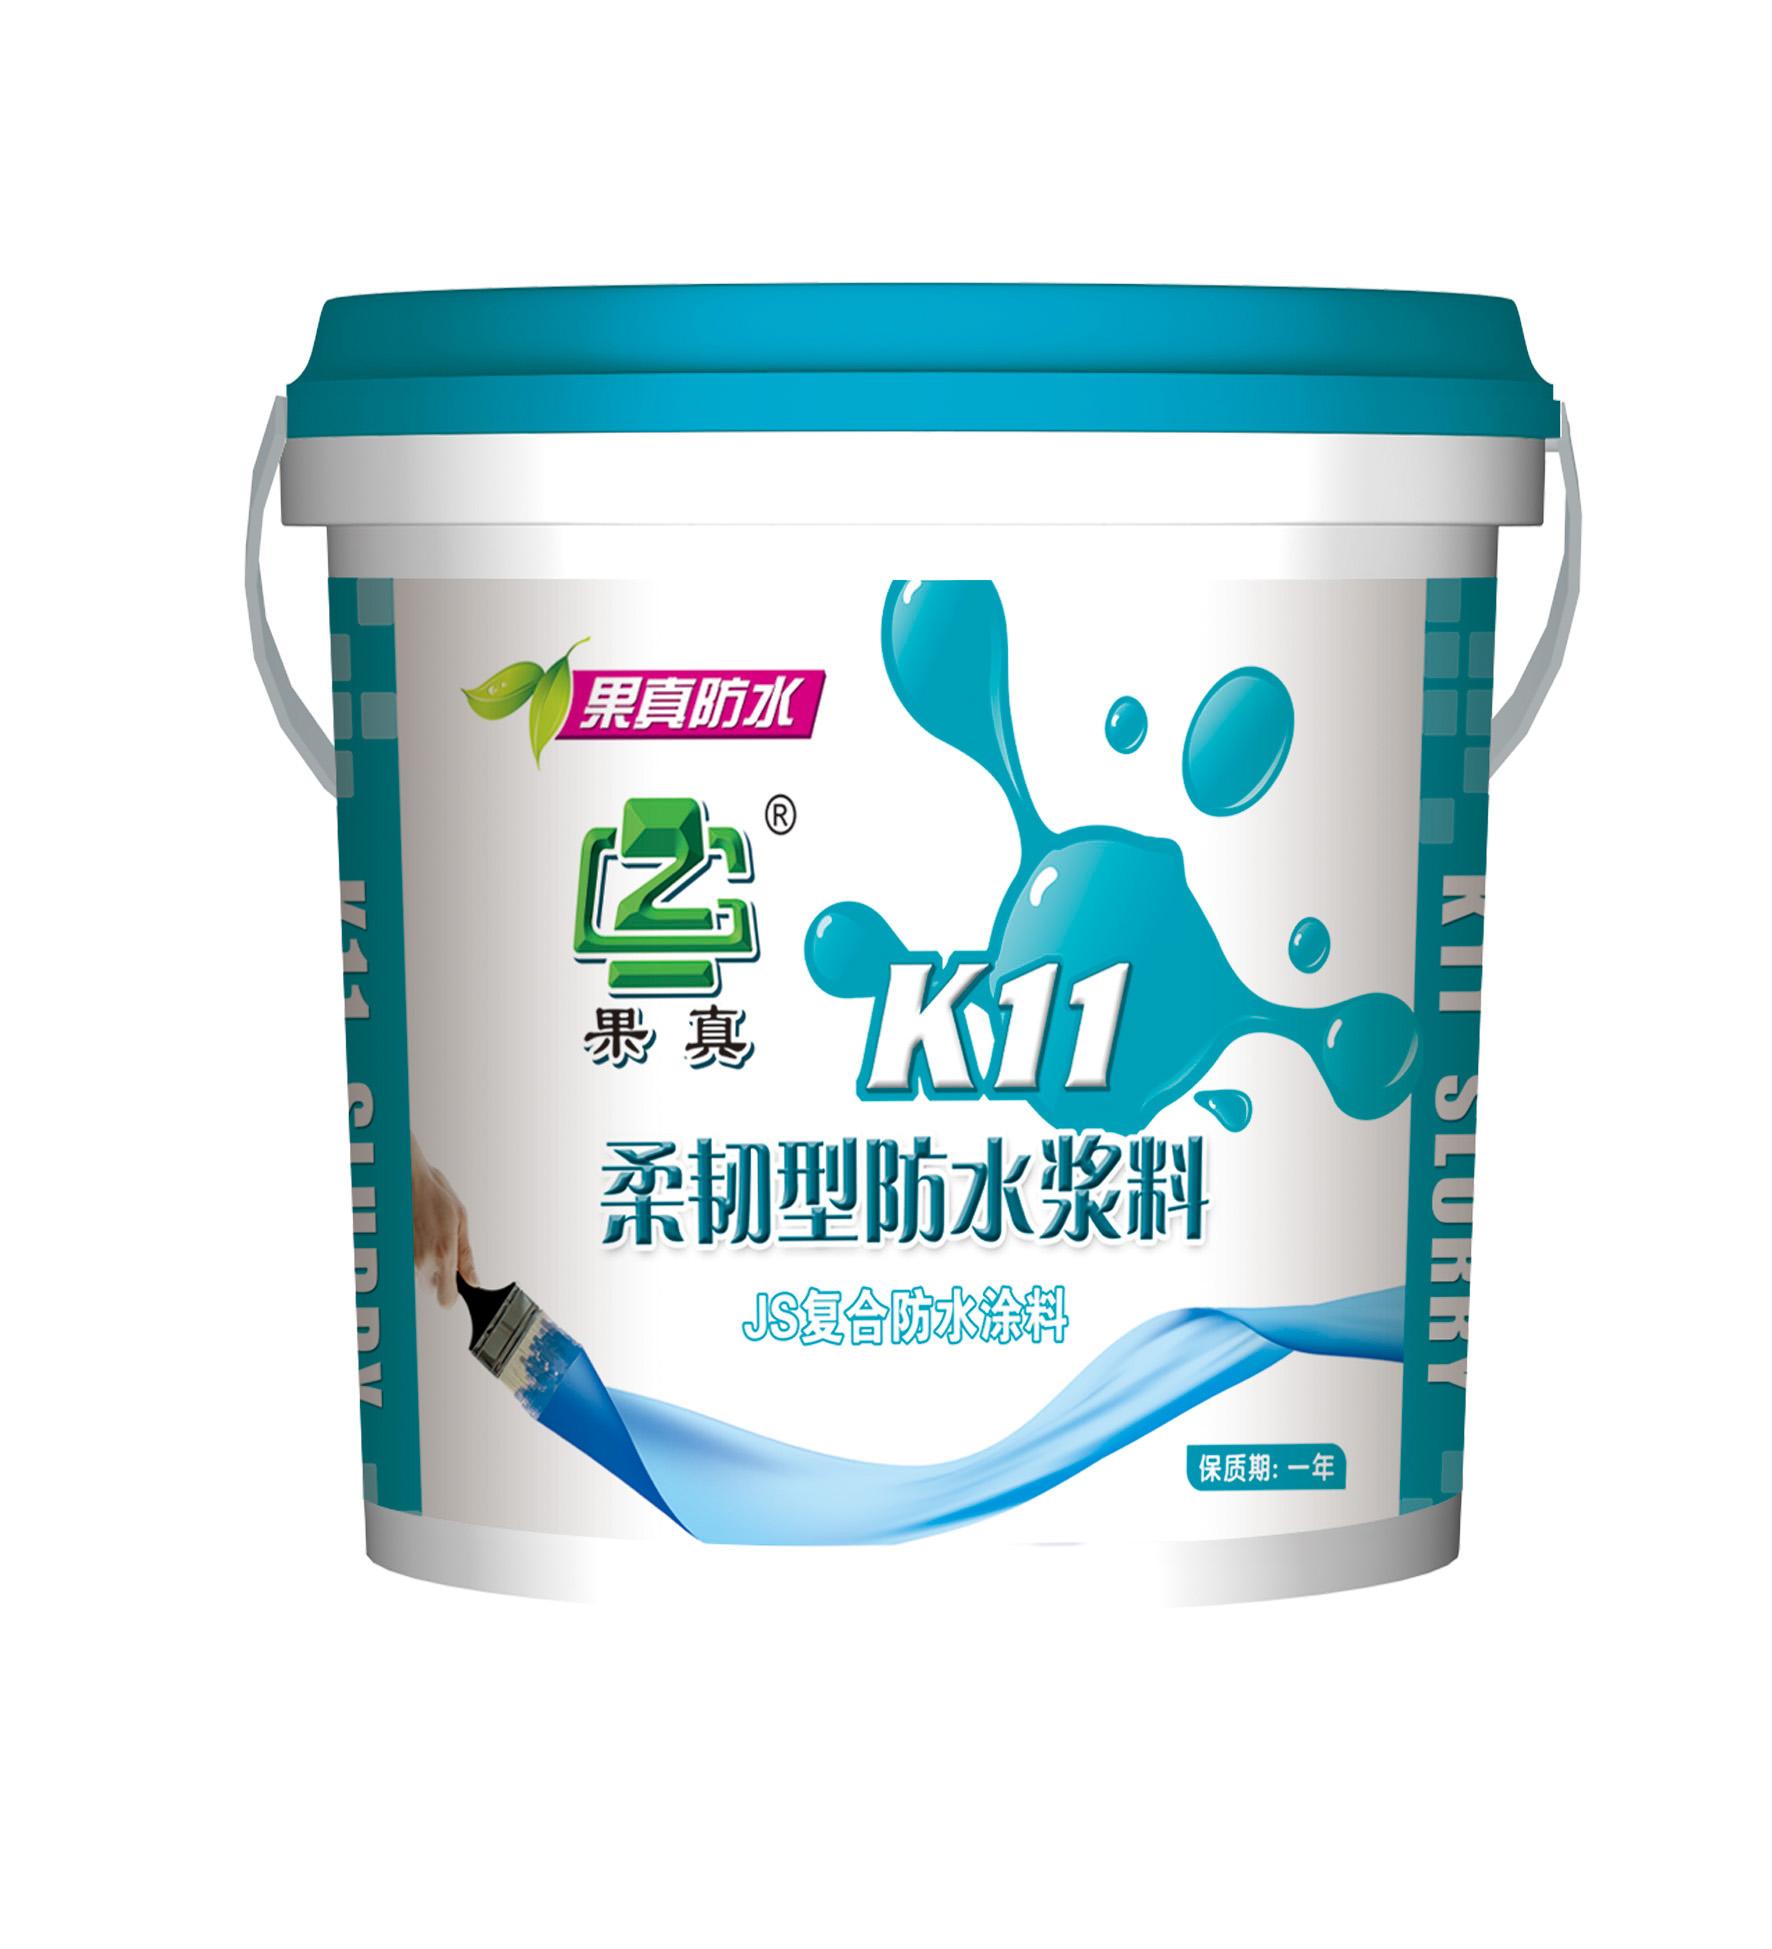 果真K11柔韧型防水涂料